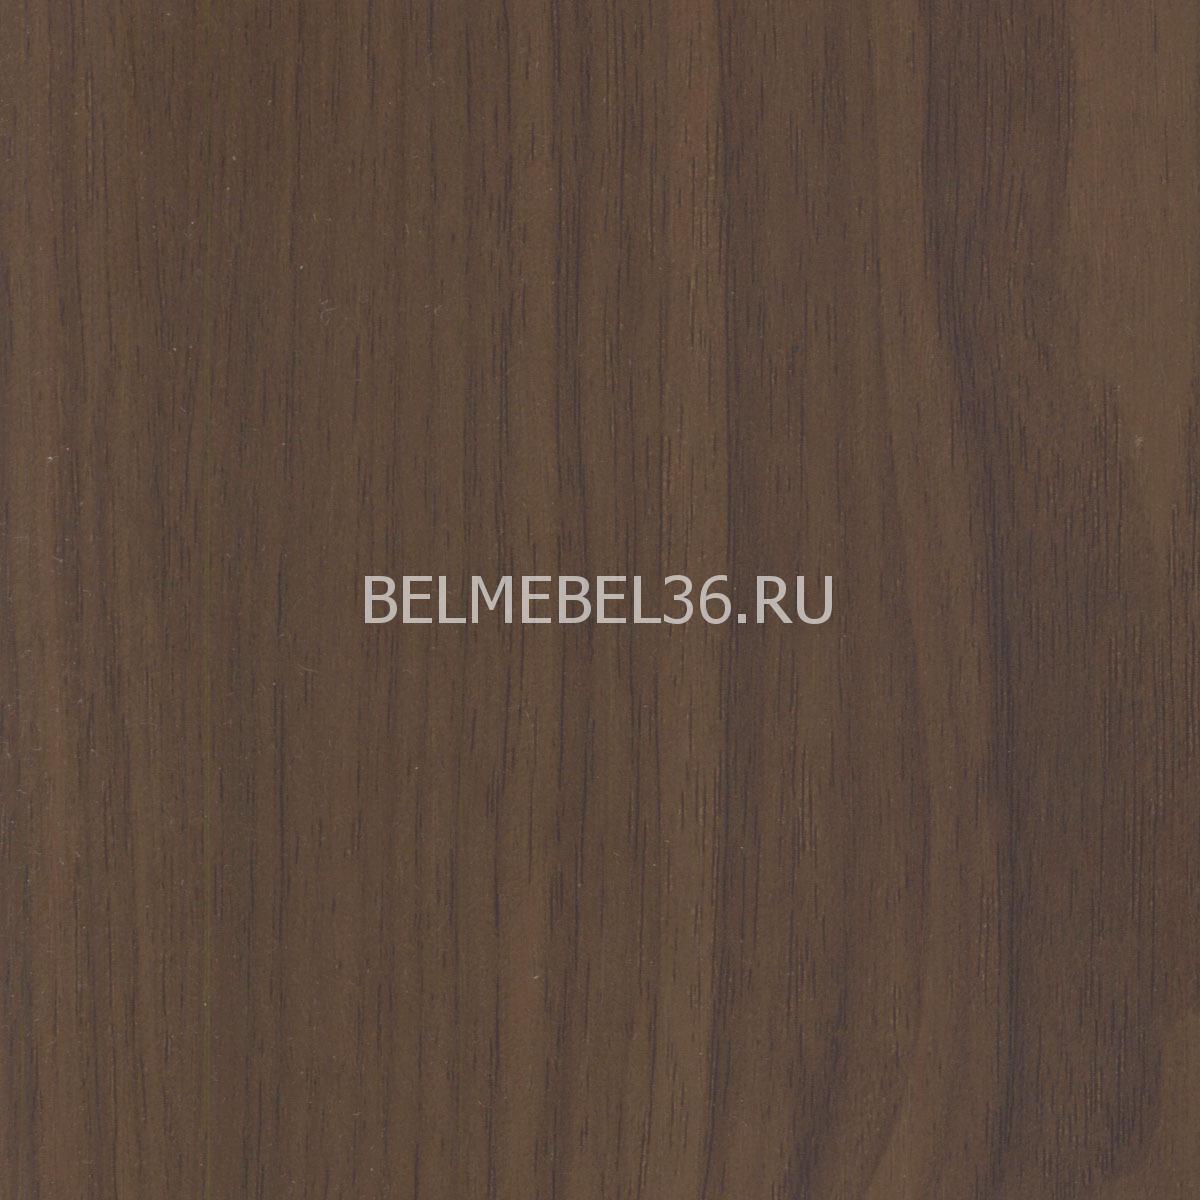 Диван-кровать Остин (3М) П-Д152   Белорусская мебель в Воронеже